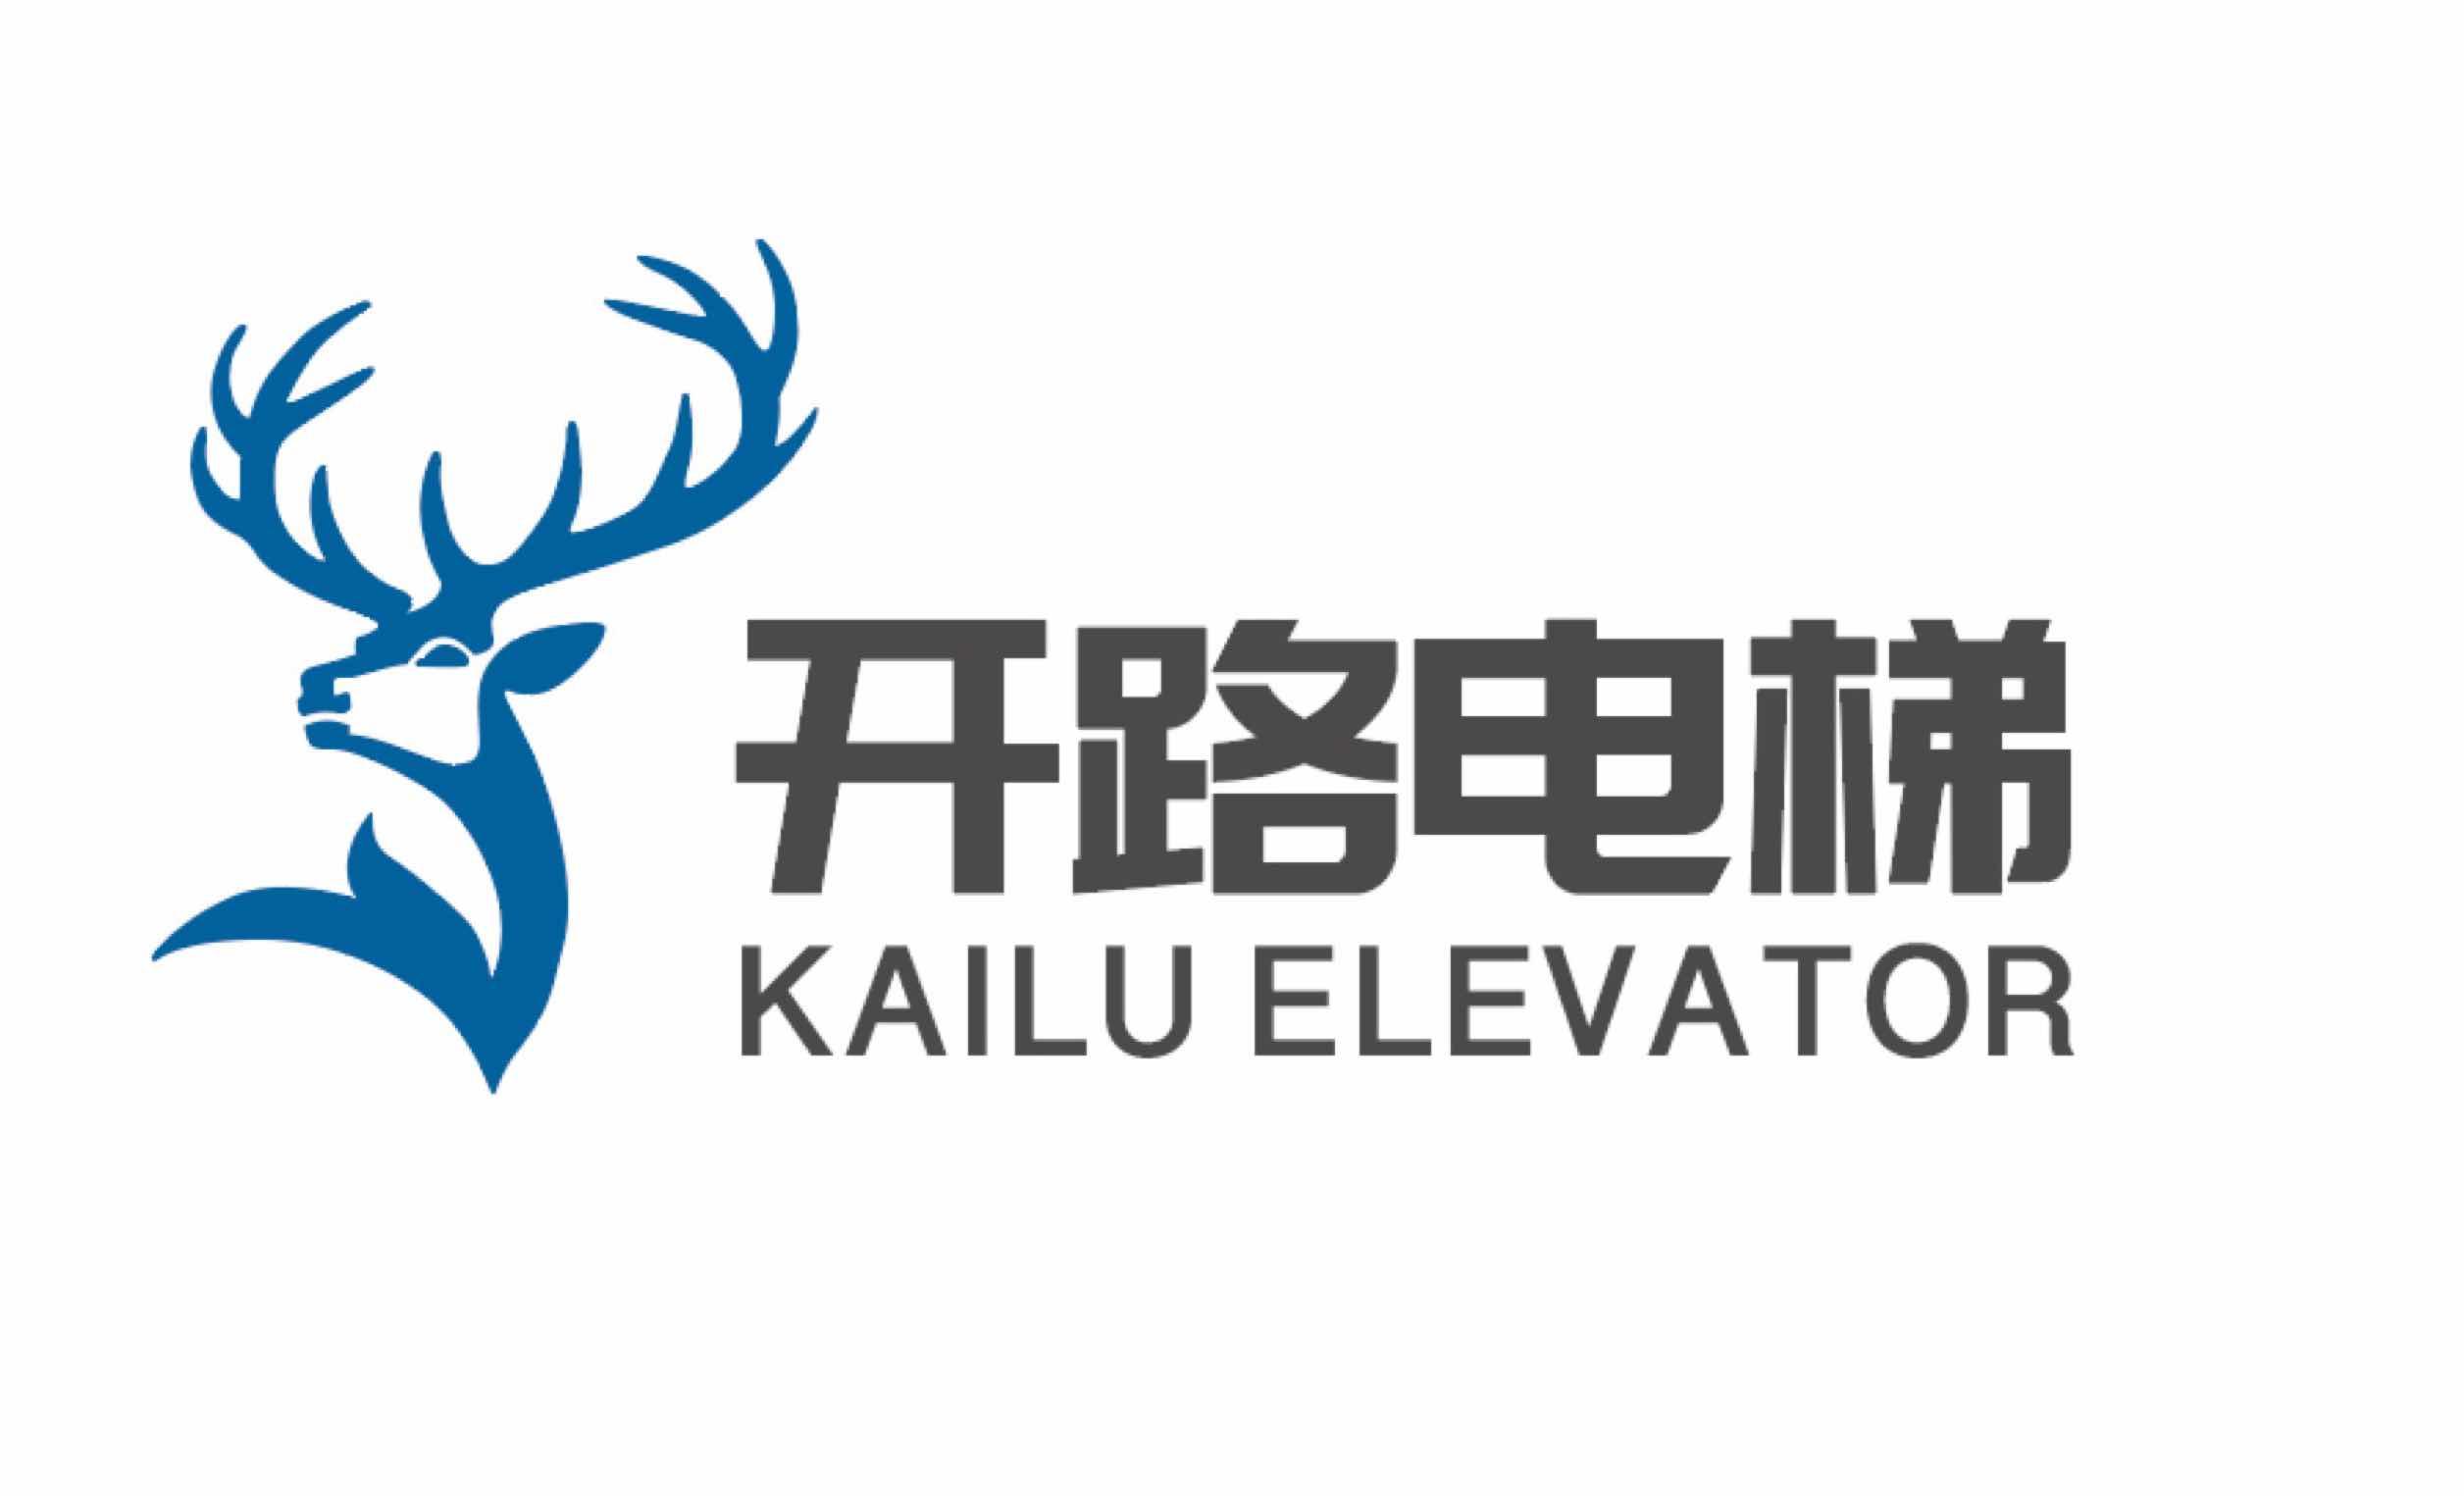 江苏开路电梯有限公司